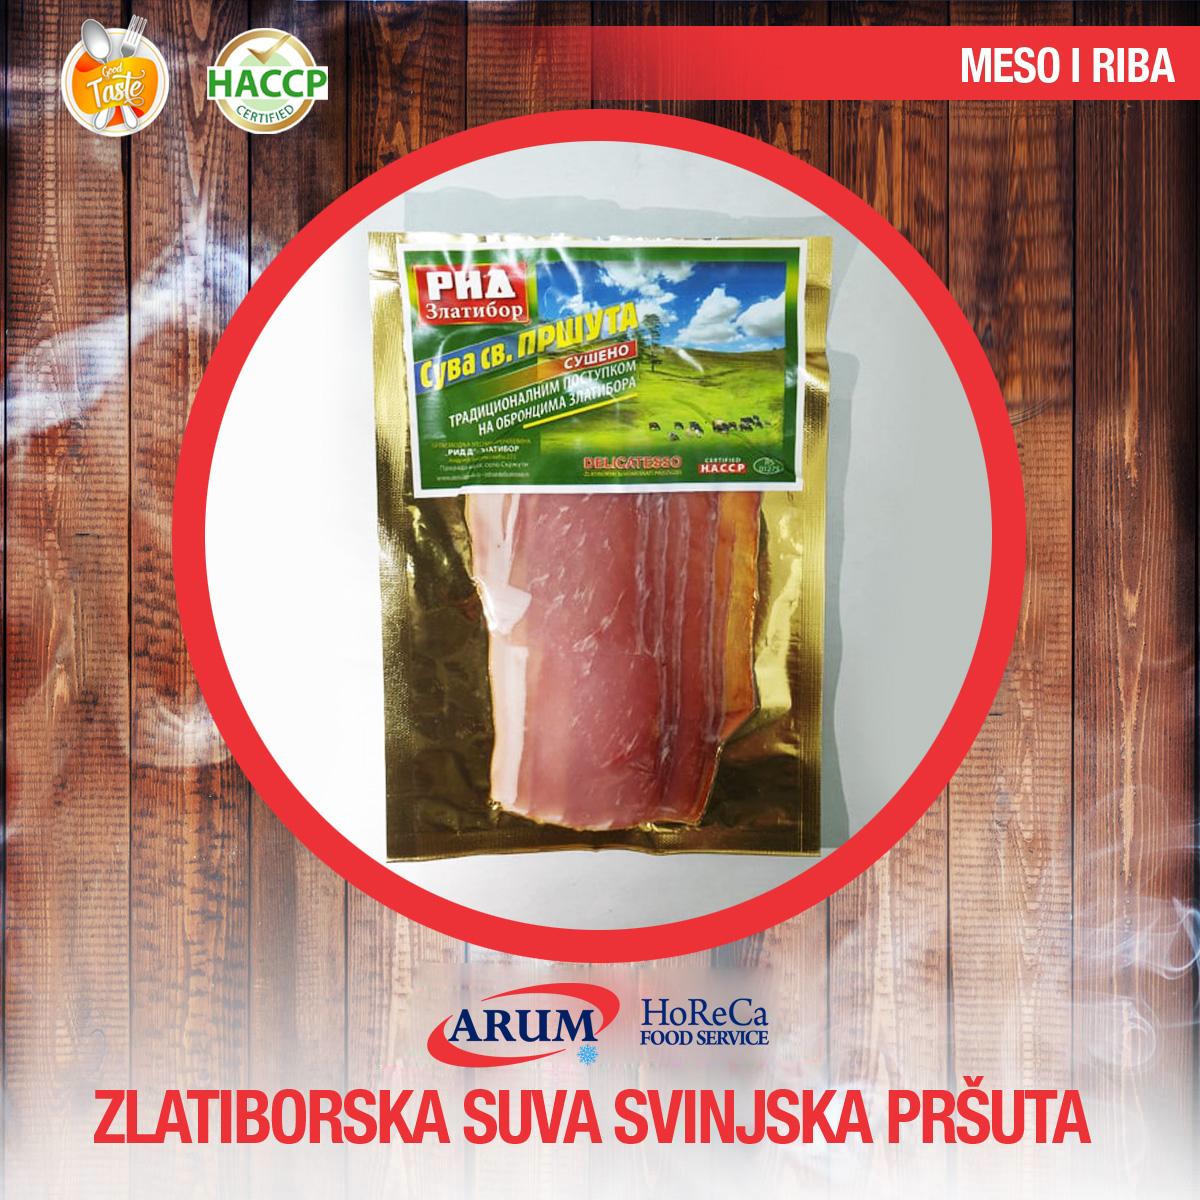 ZLATIBORSKA SUVA PRSUTA SLICE 100gr